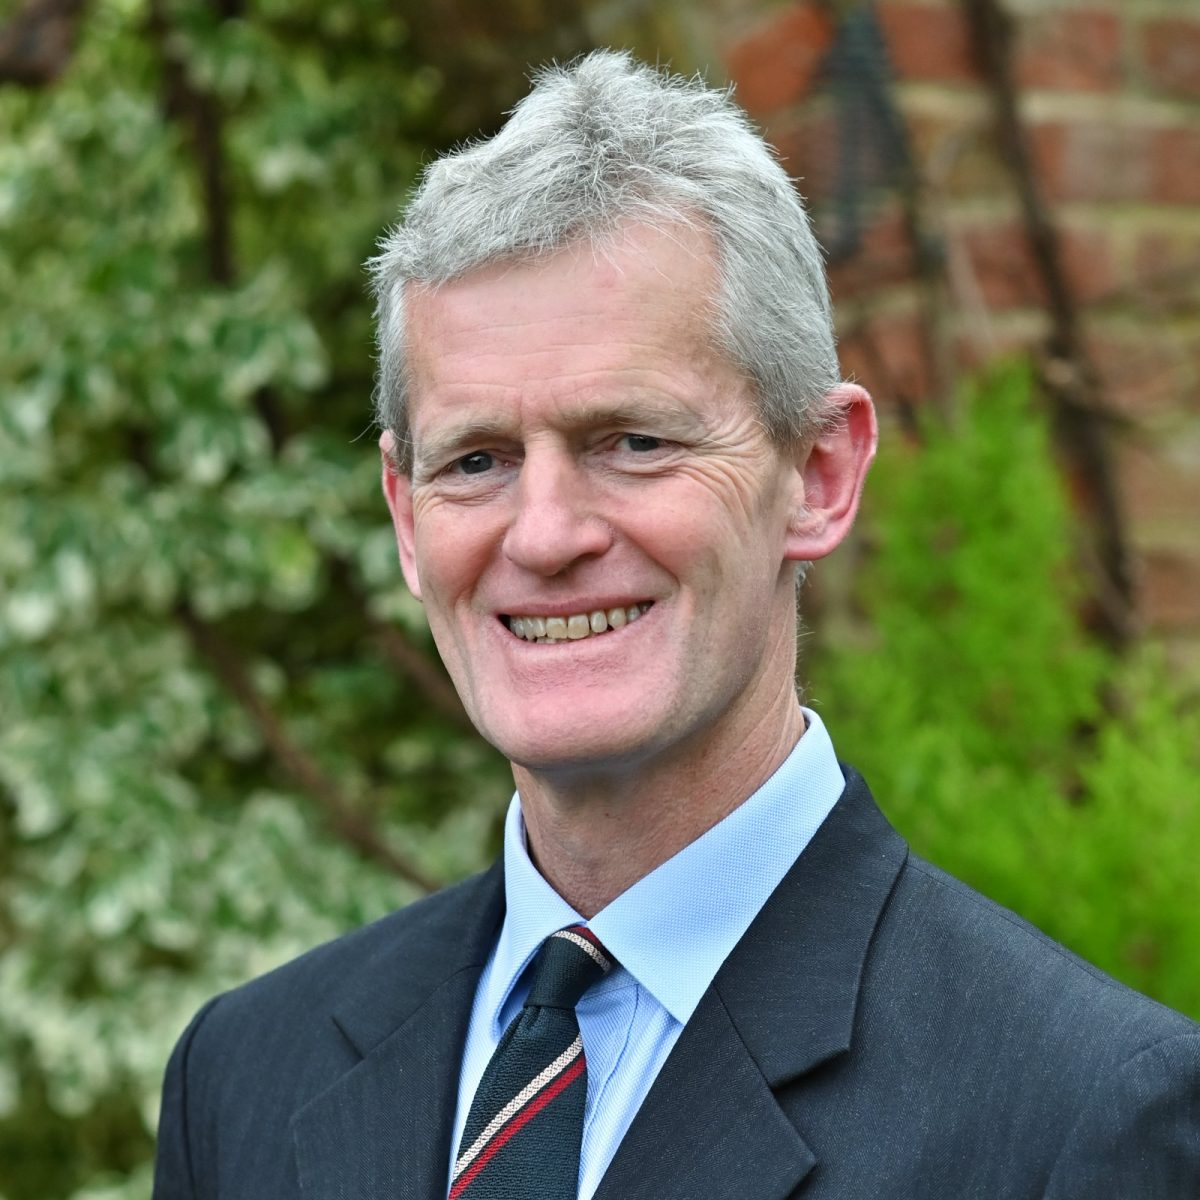 Mr Nicholas Oulton DL